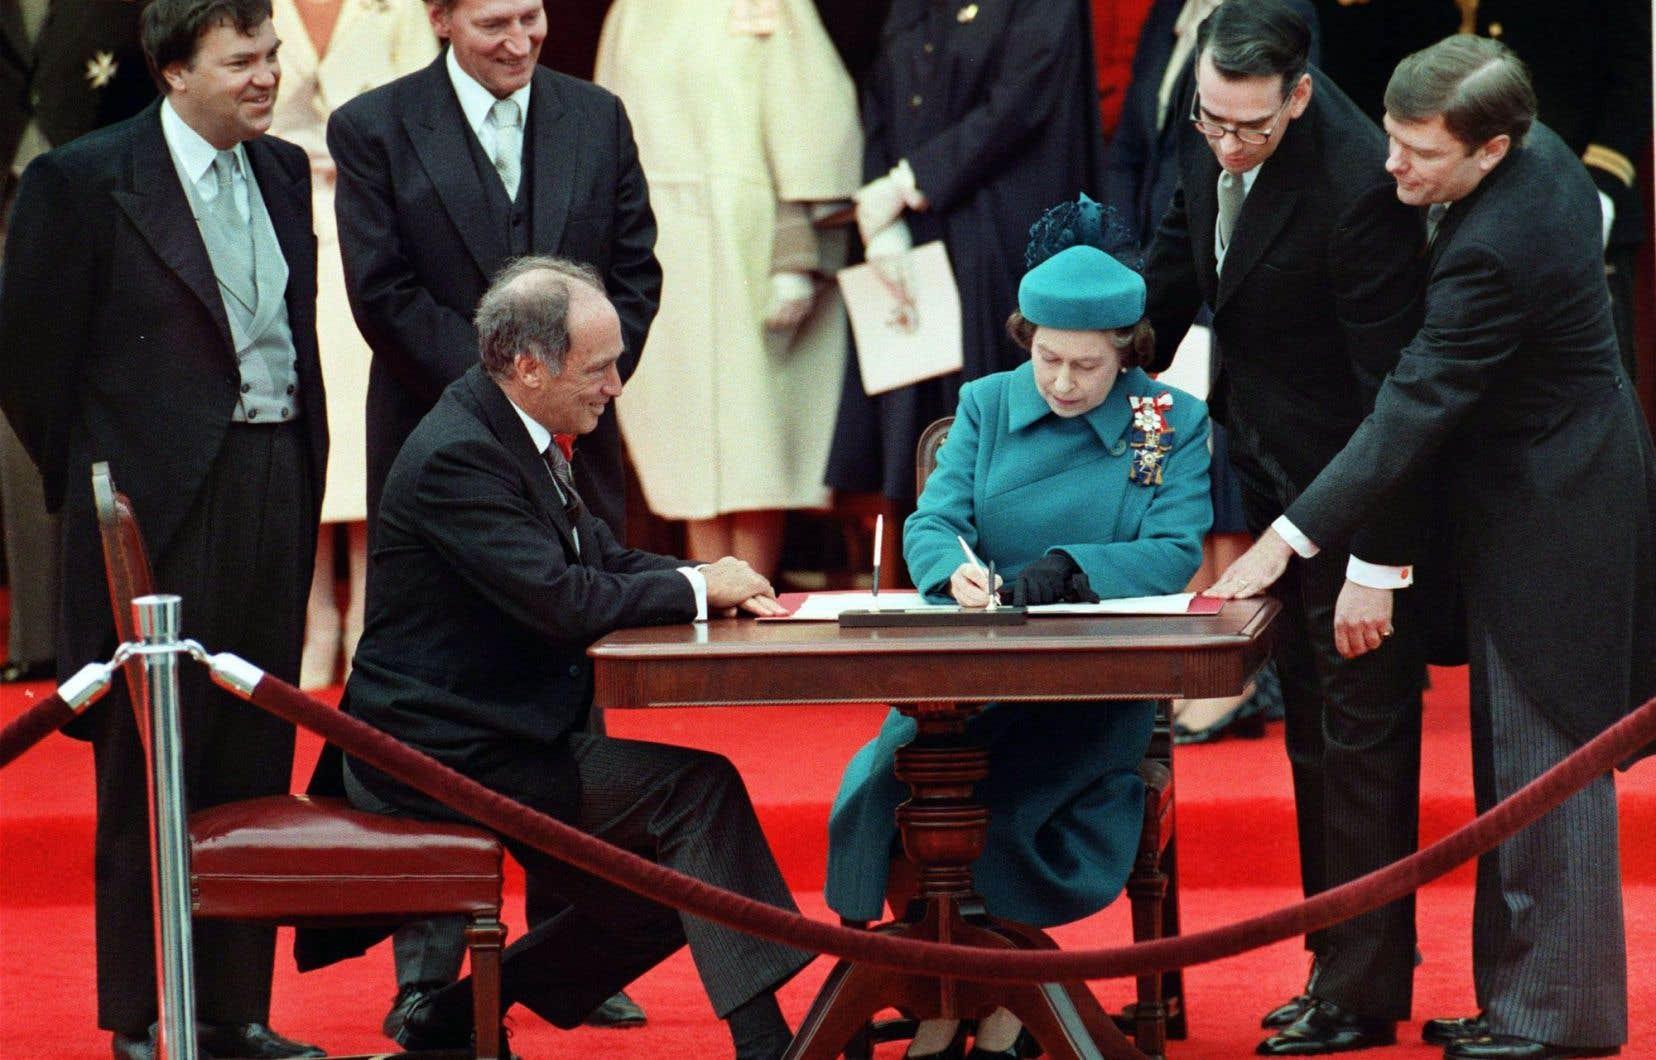 Comment peut-on continuer à adhérer au projet fédéral canadien après le rapatriement de la Constitution de 1981-1982 sans la signature du Québec, interroge Louis Cornellier.